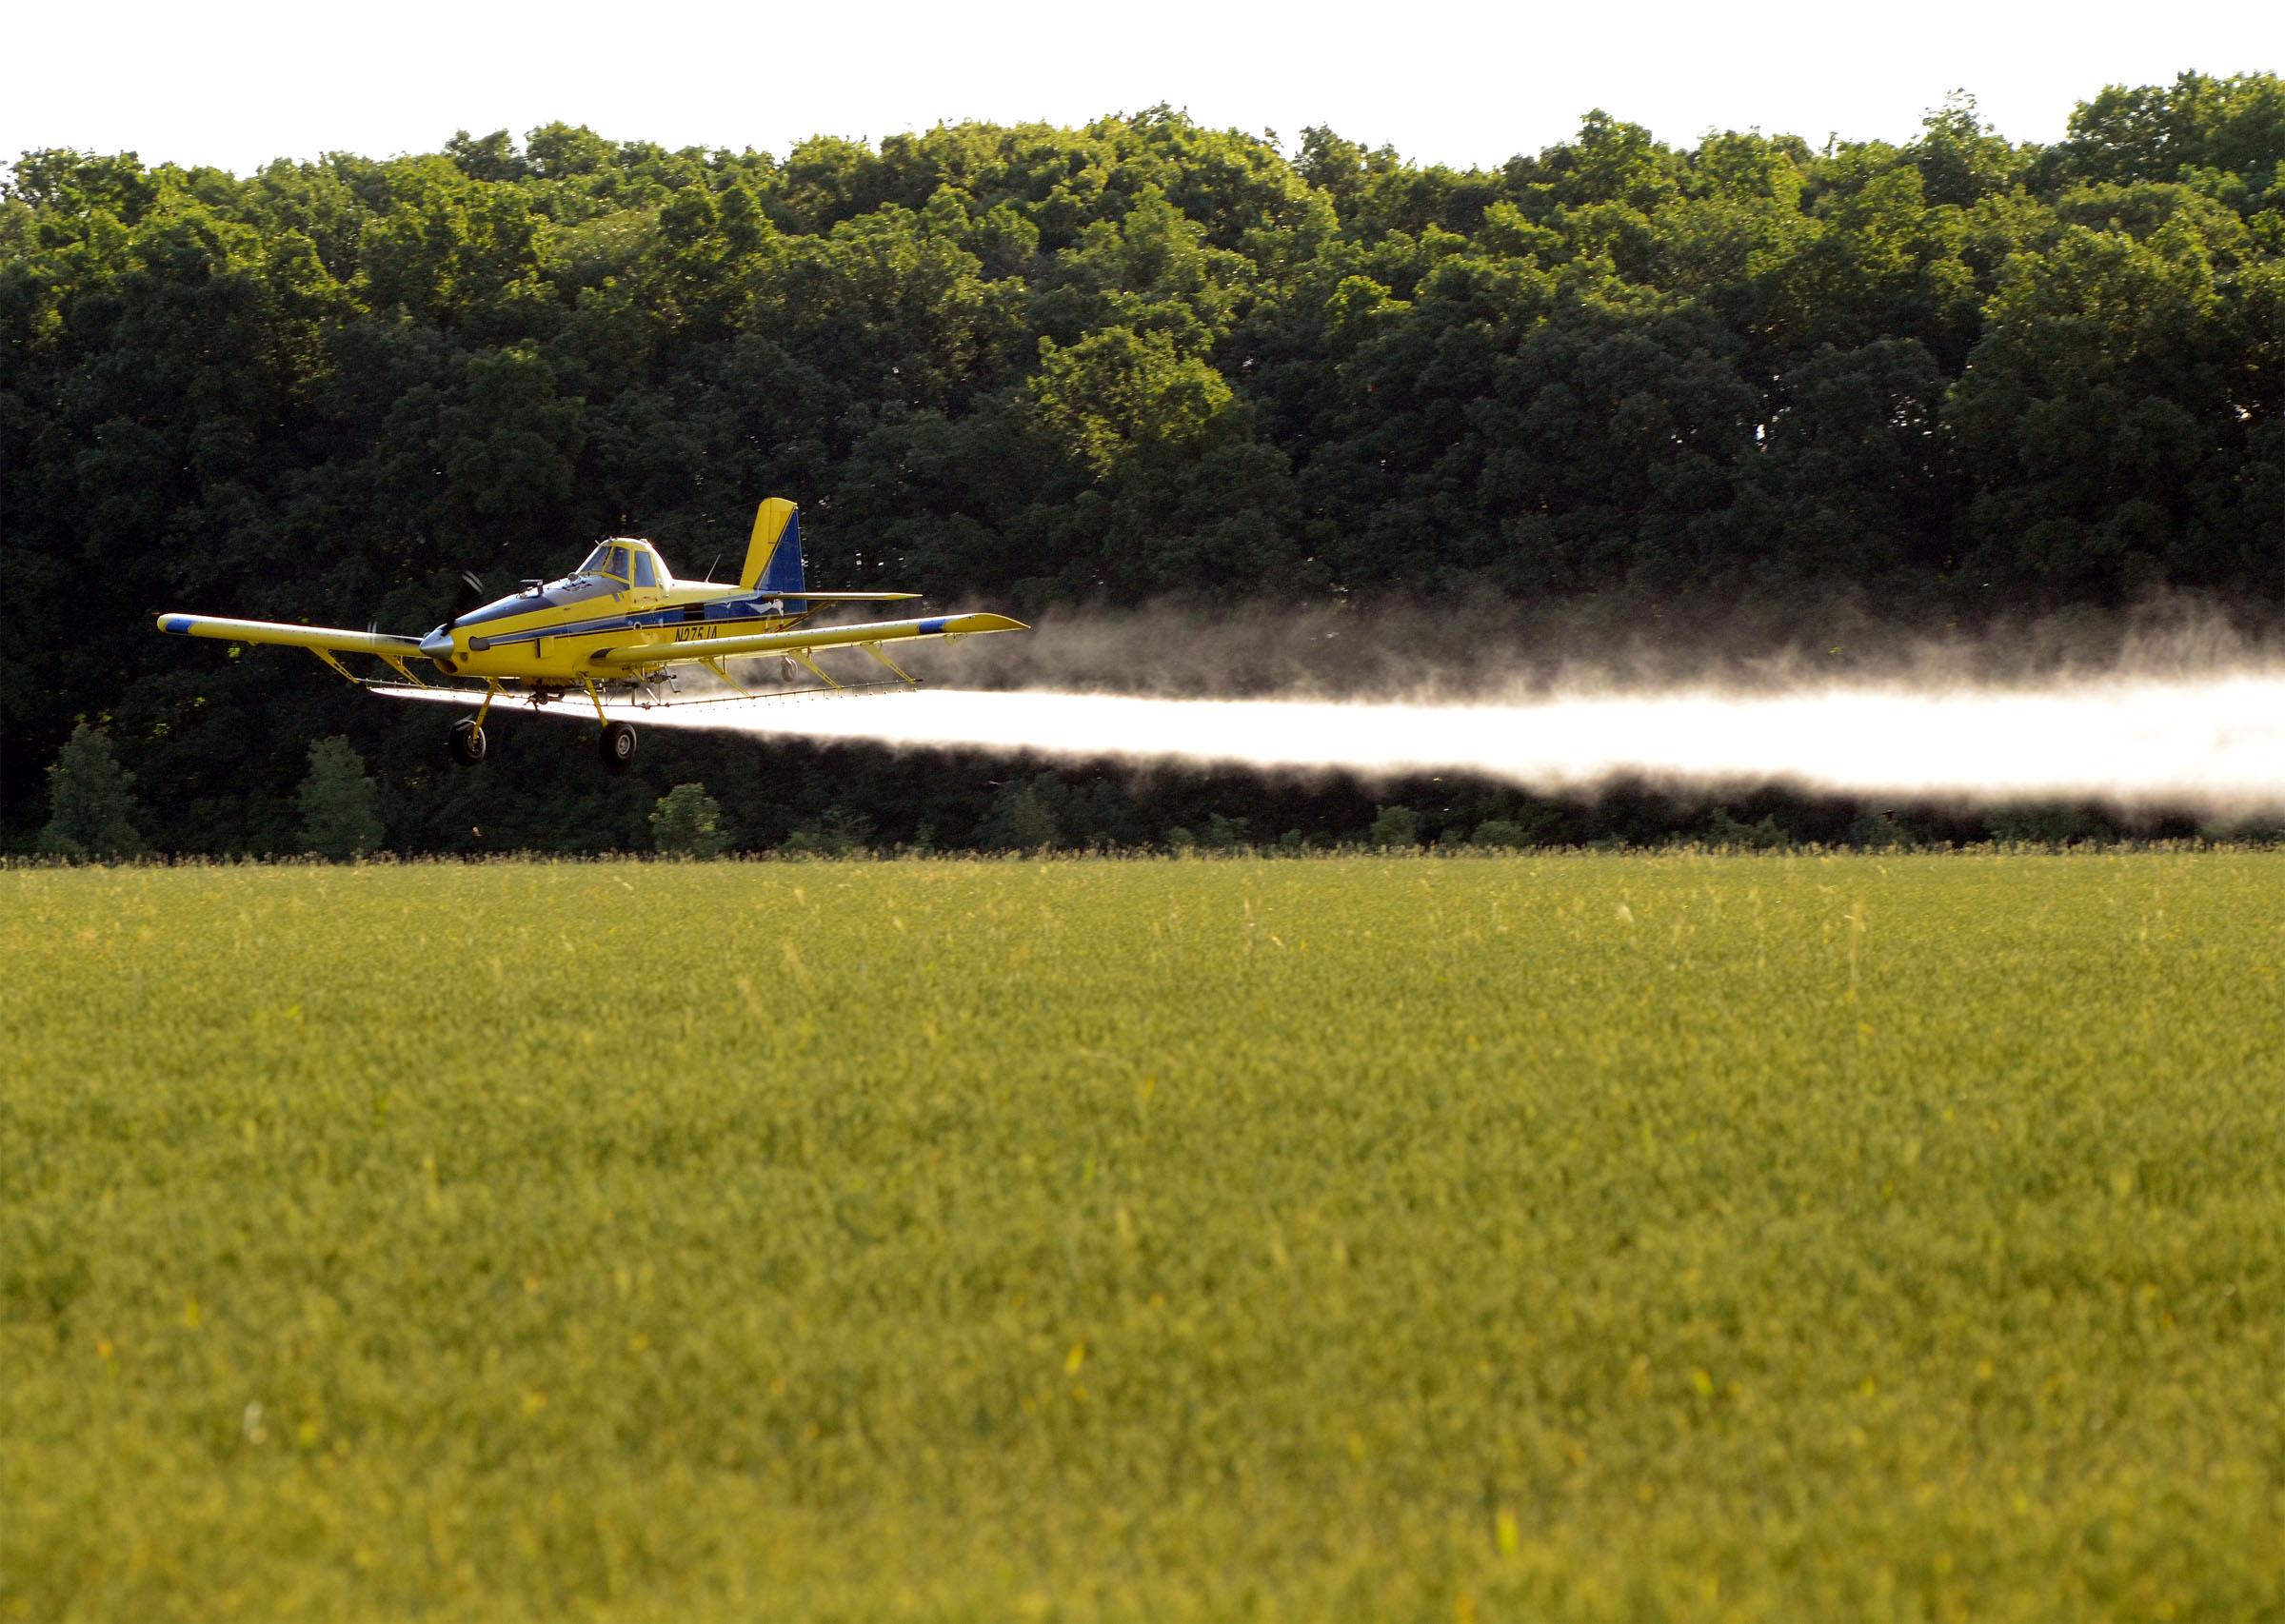 A crop-duster plane is spotted flying low as it sprays a field of wheat in Jerusalem Township. (Press photo by Ken Grosjean)